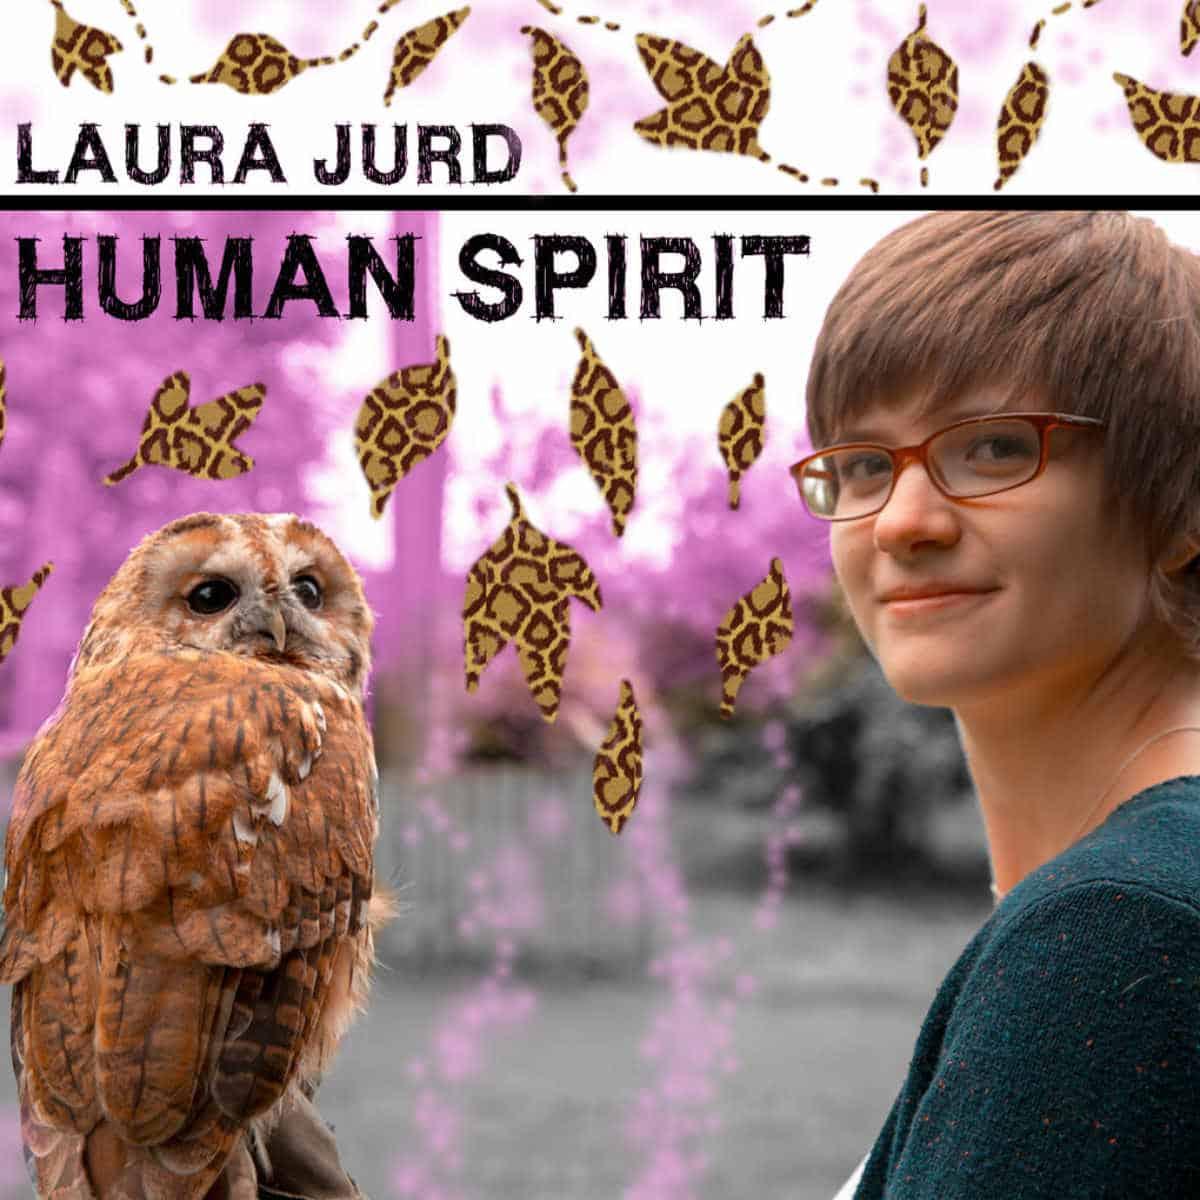 Laurajurd